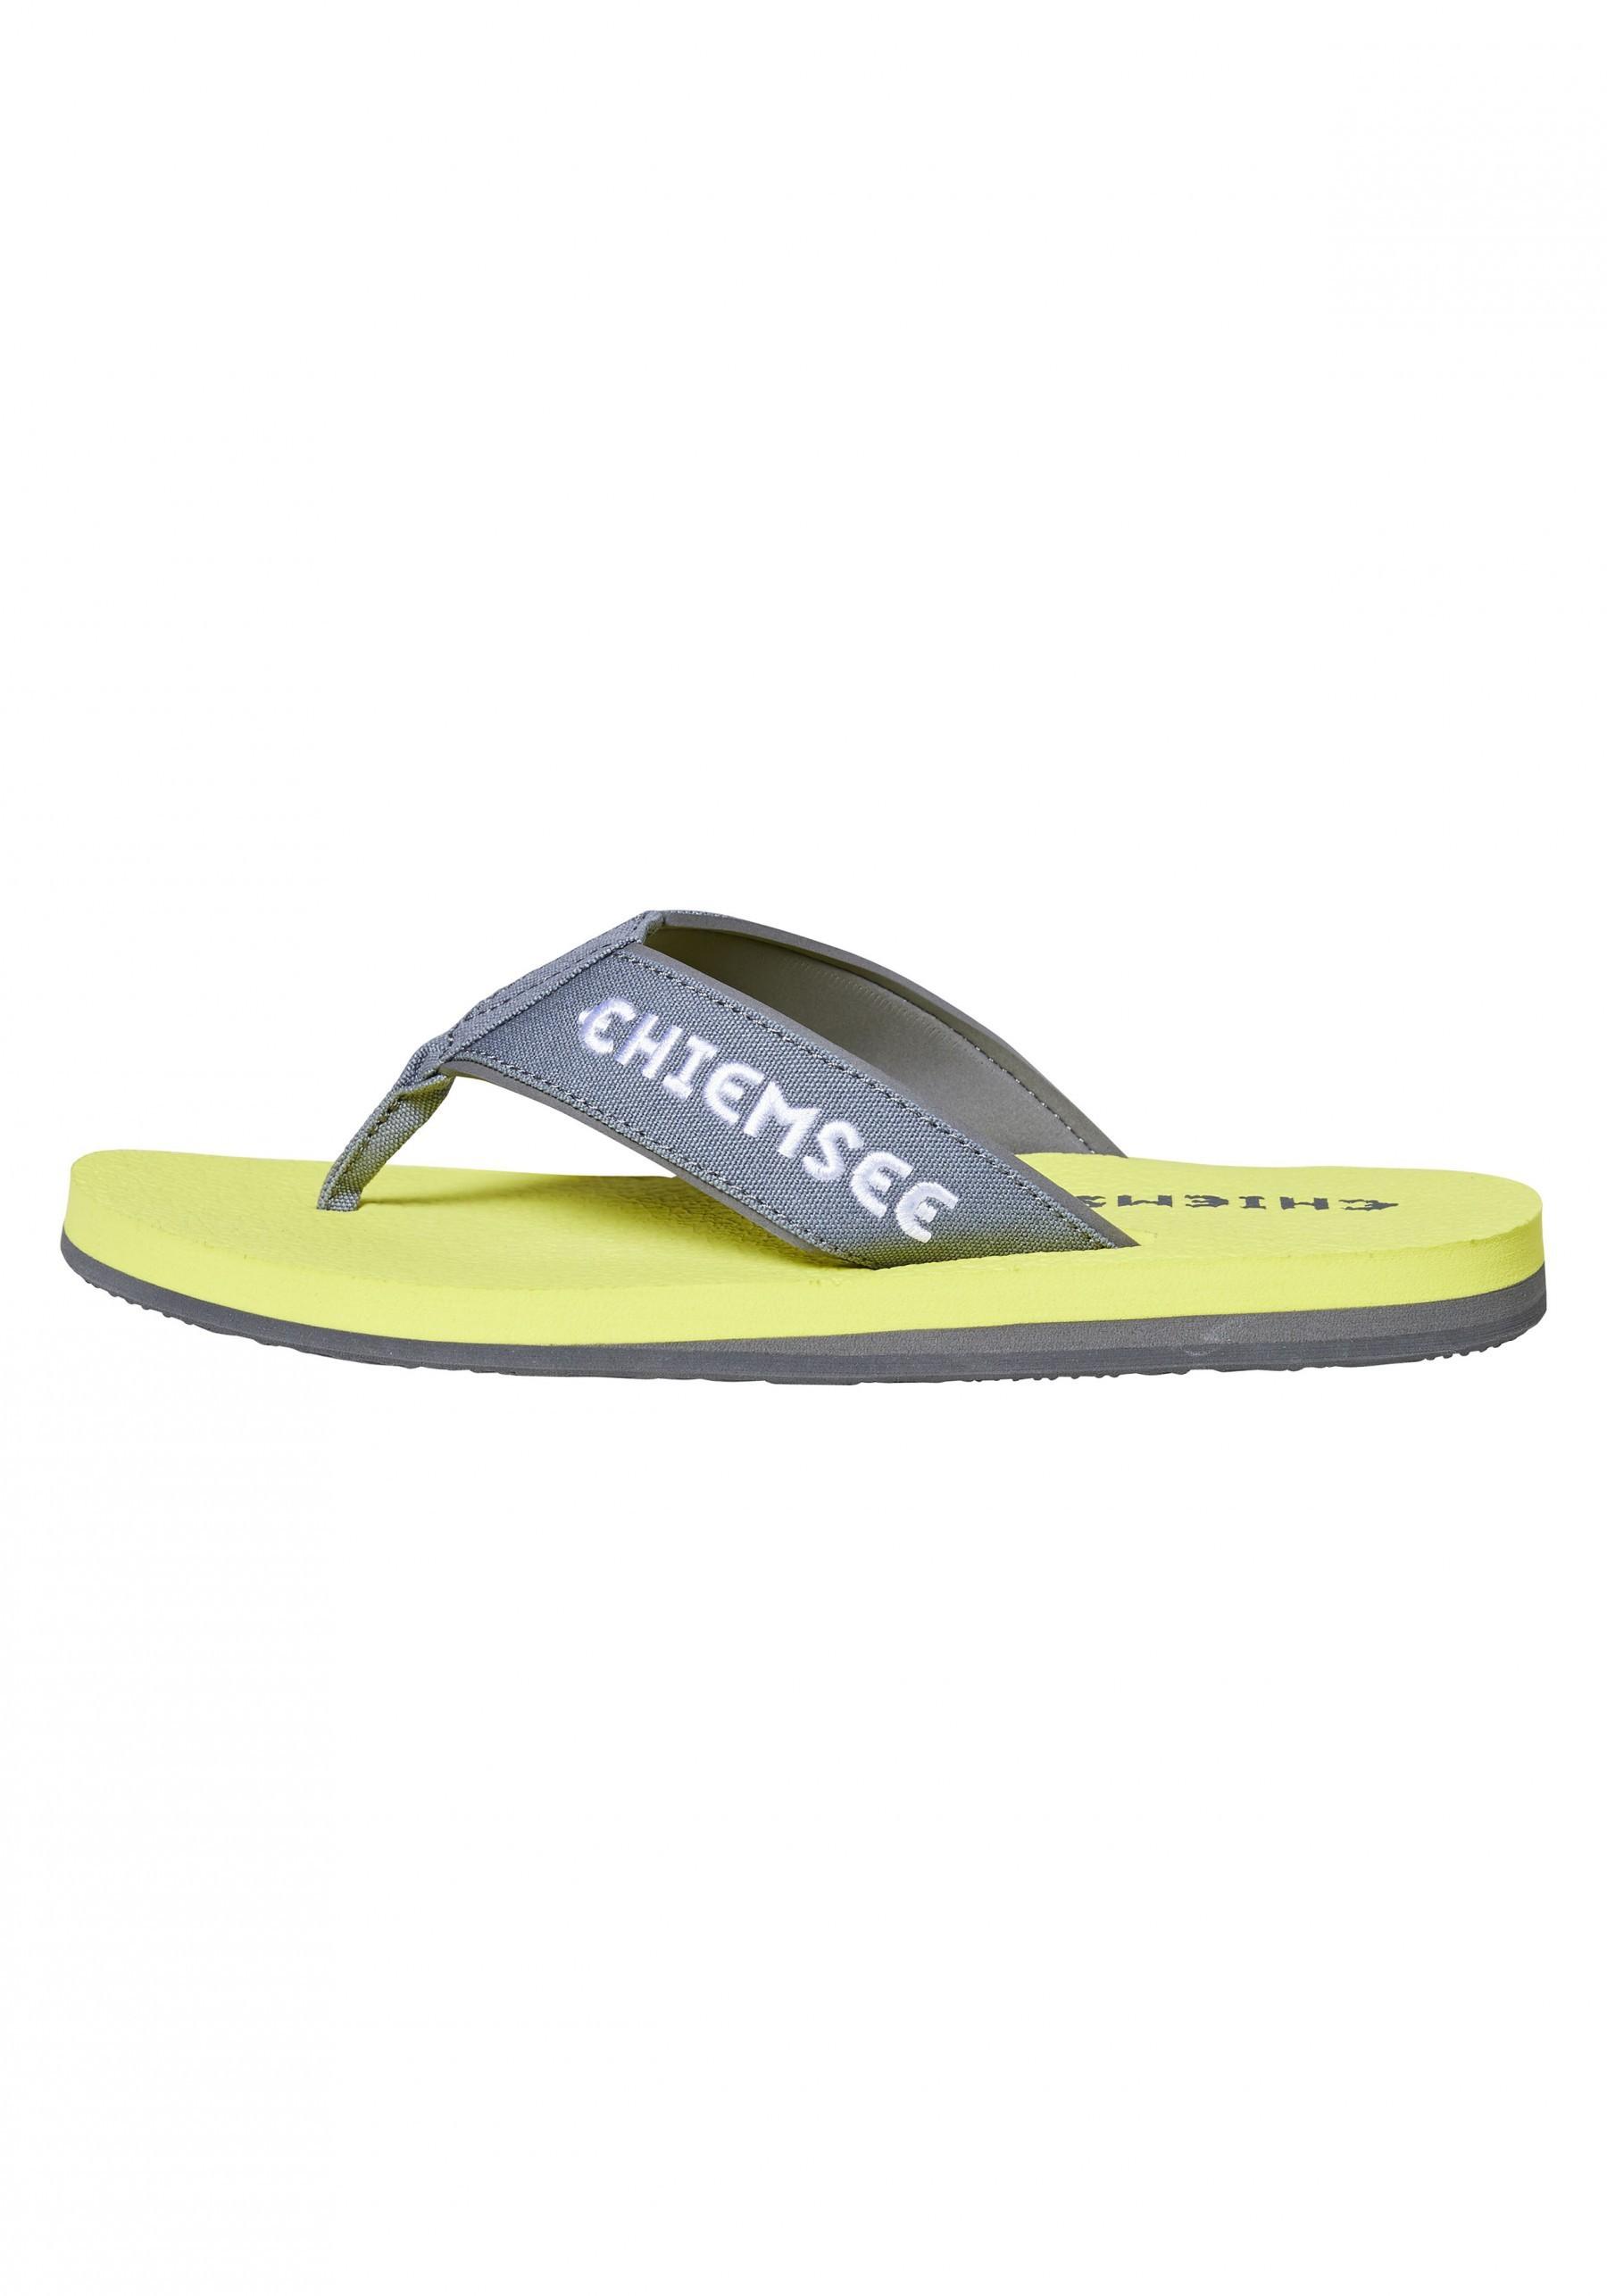 Chiemsee Sandale Herren